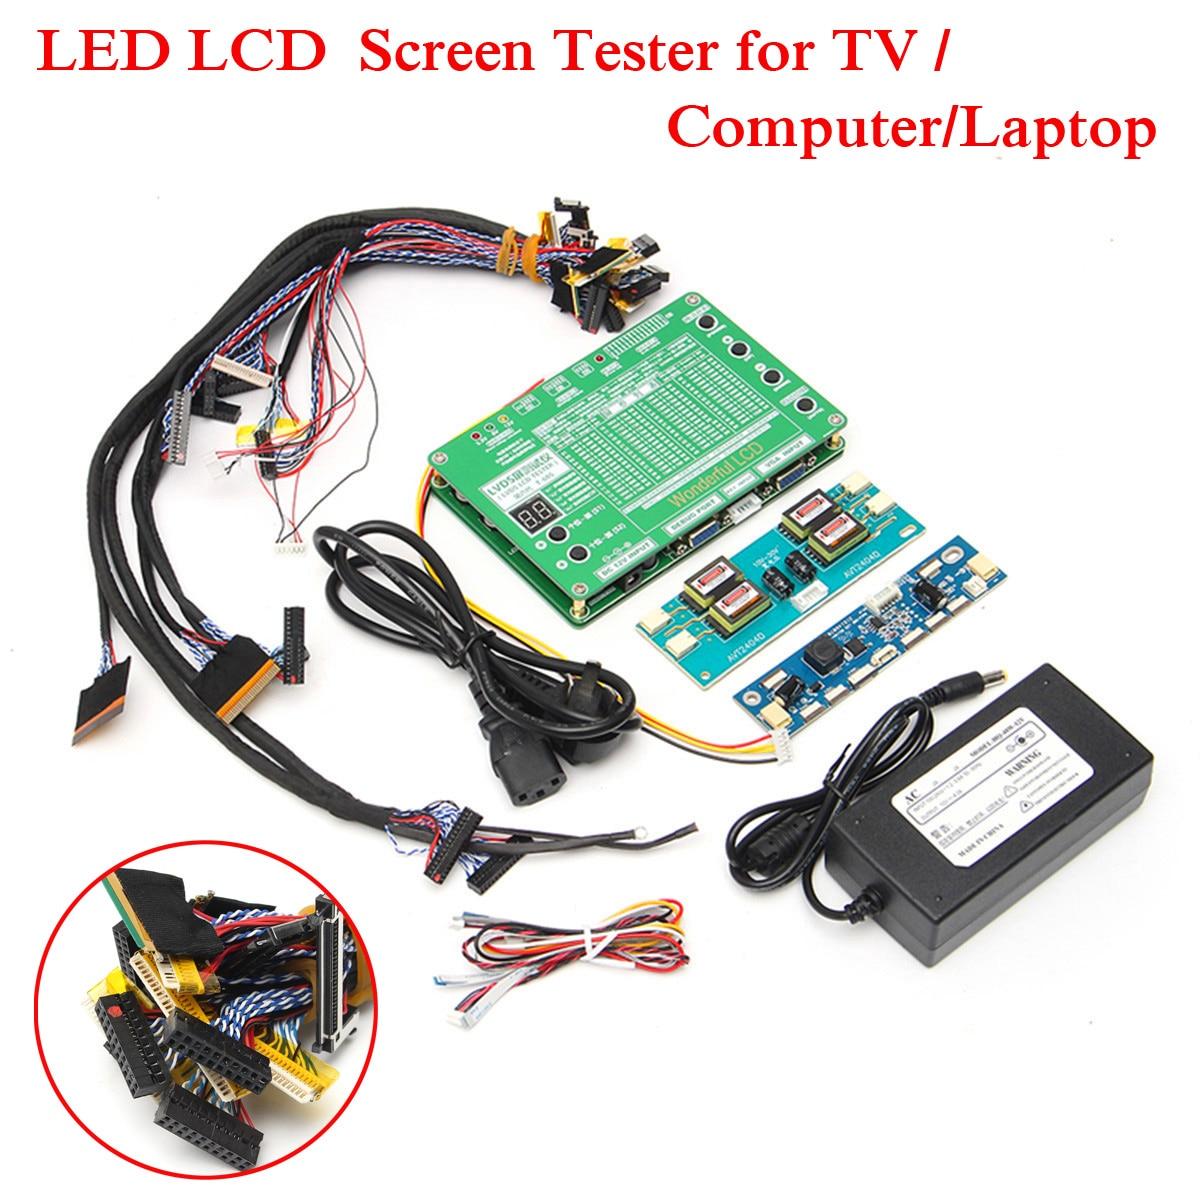 Новый ноутбук ЖК-дисплей/светодио дный Тесты Tool Kit Панель Экран Тесты er + 14 шт. Lvds кабели + инвертор